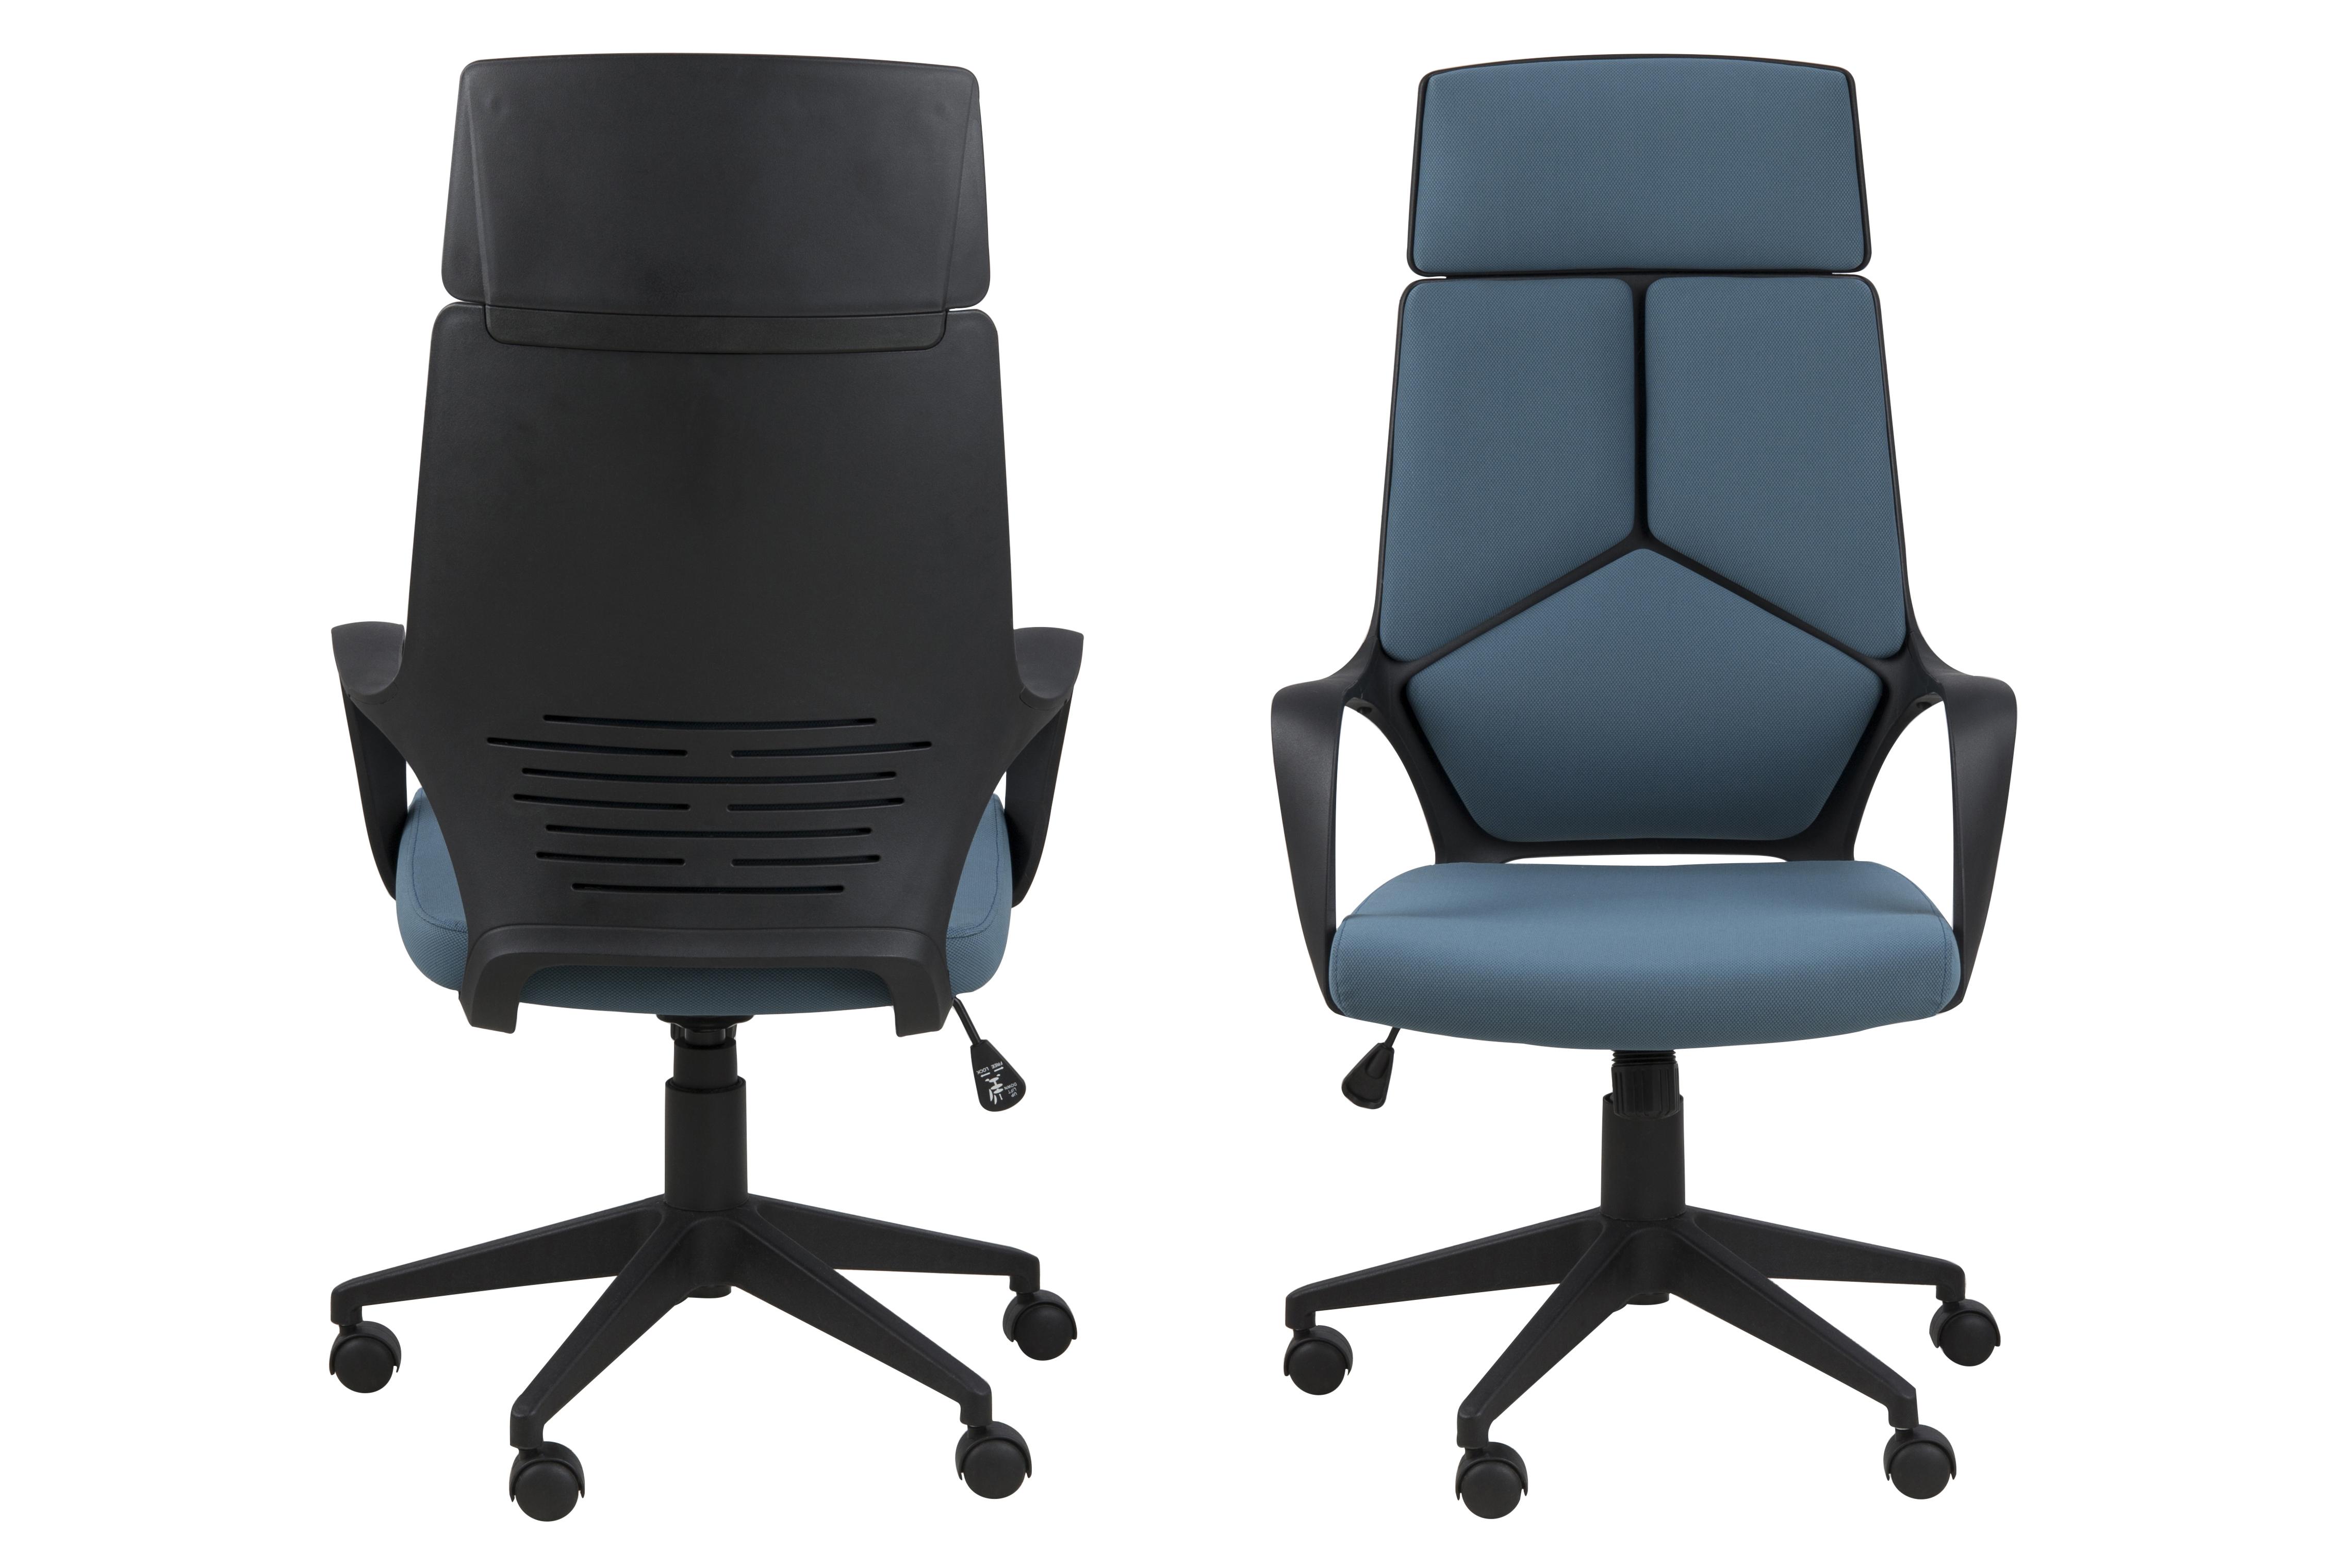 Scaun de birou ergonomic Dubnium Blue